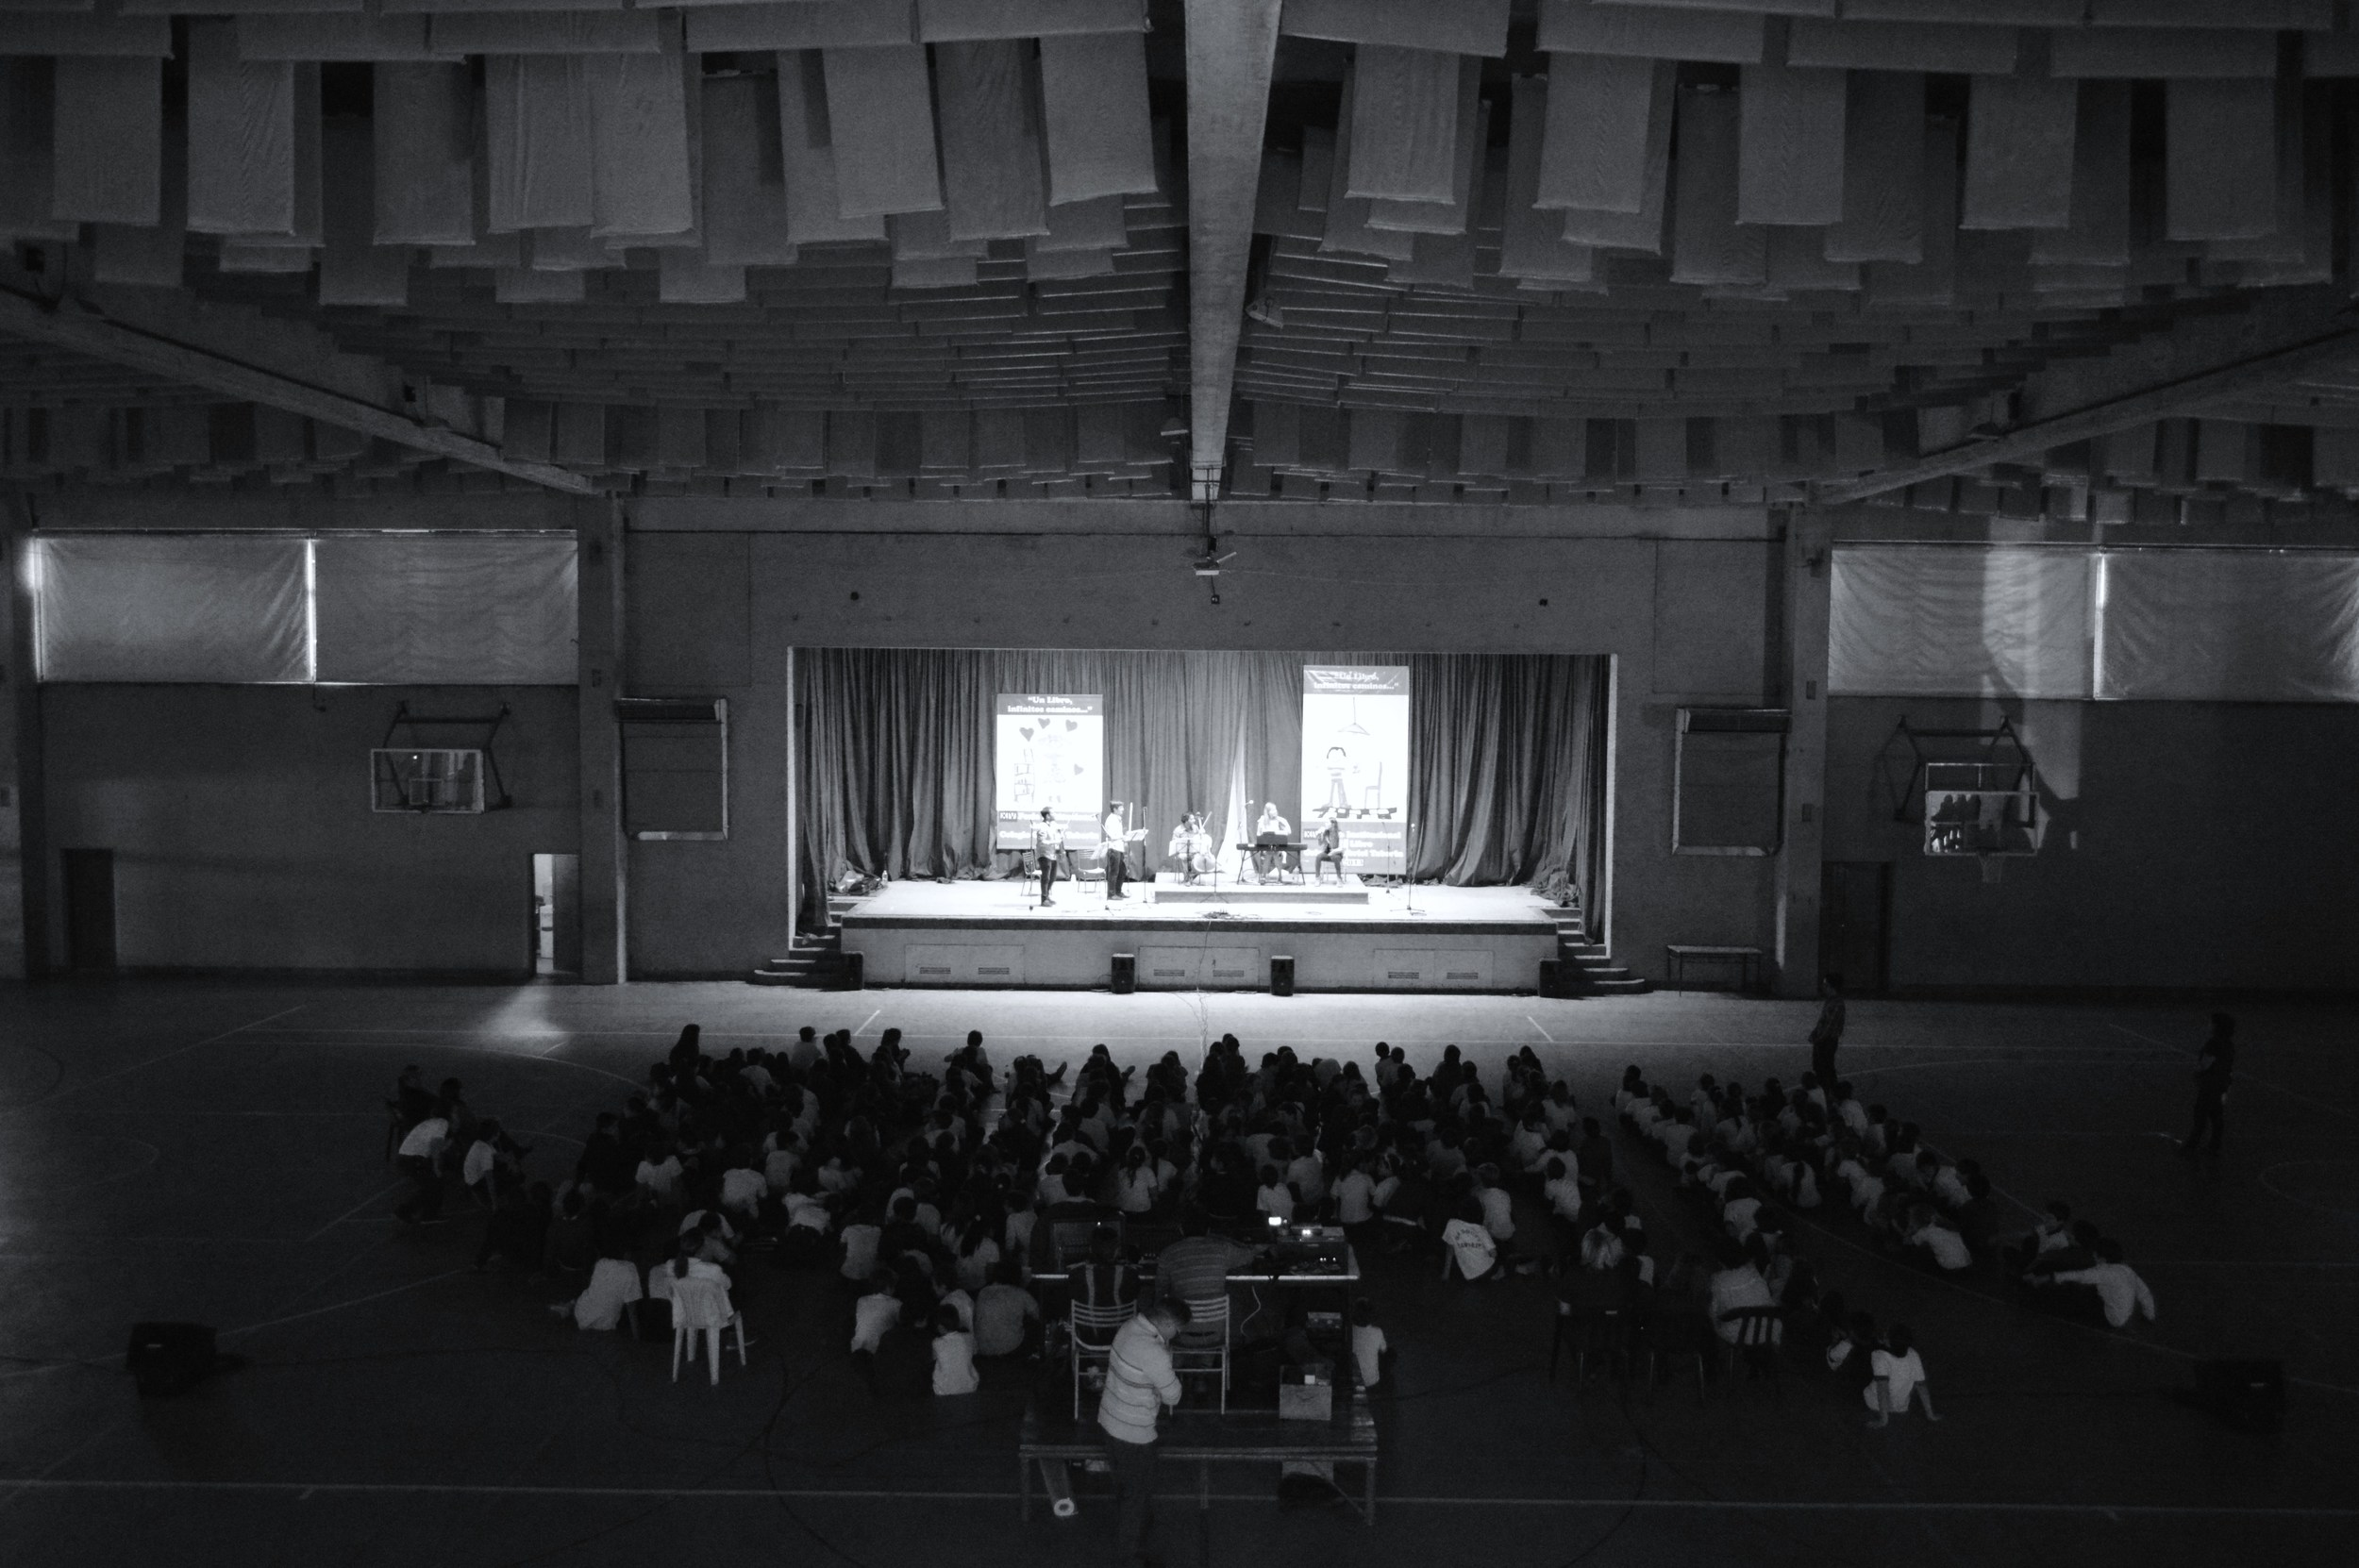 tabo audience view.jpg